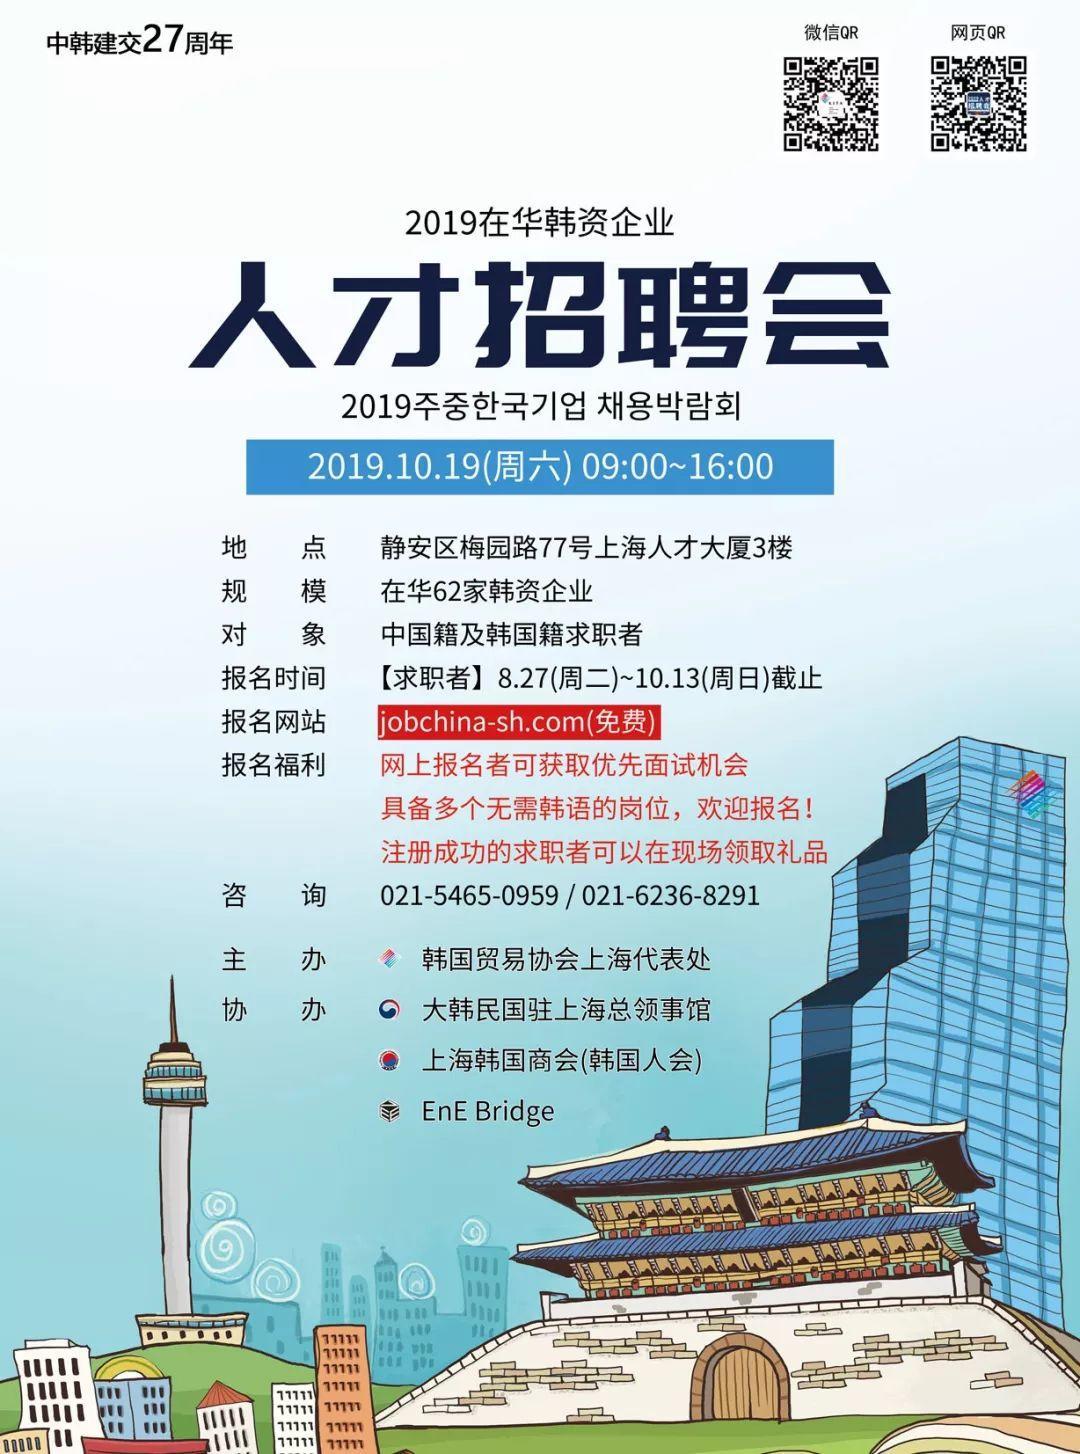 """上海:""""2019在华韩资企业招聘会""""通知"""